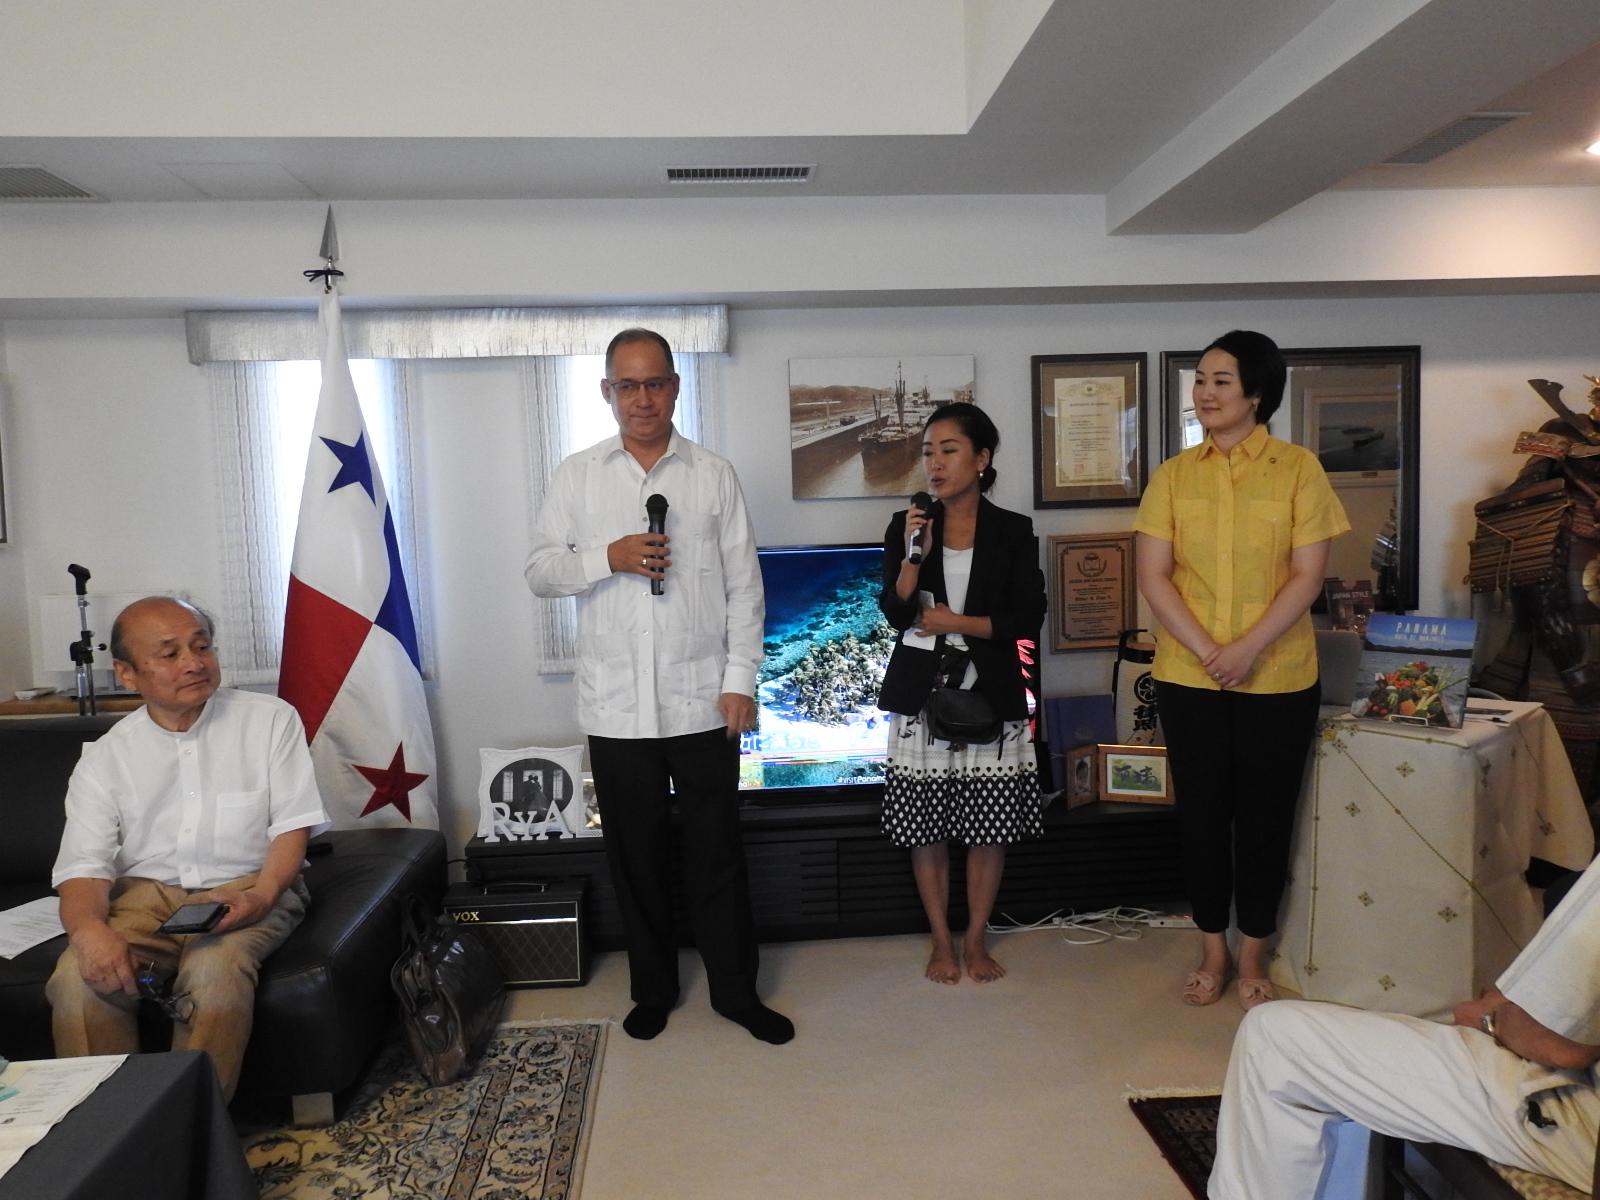 歓迎の挨拶を述べるリッテル・ディアス駐日パナマ大使の様子